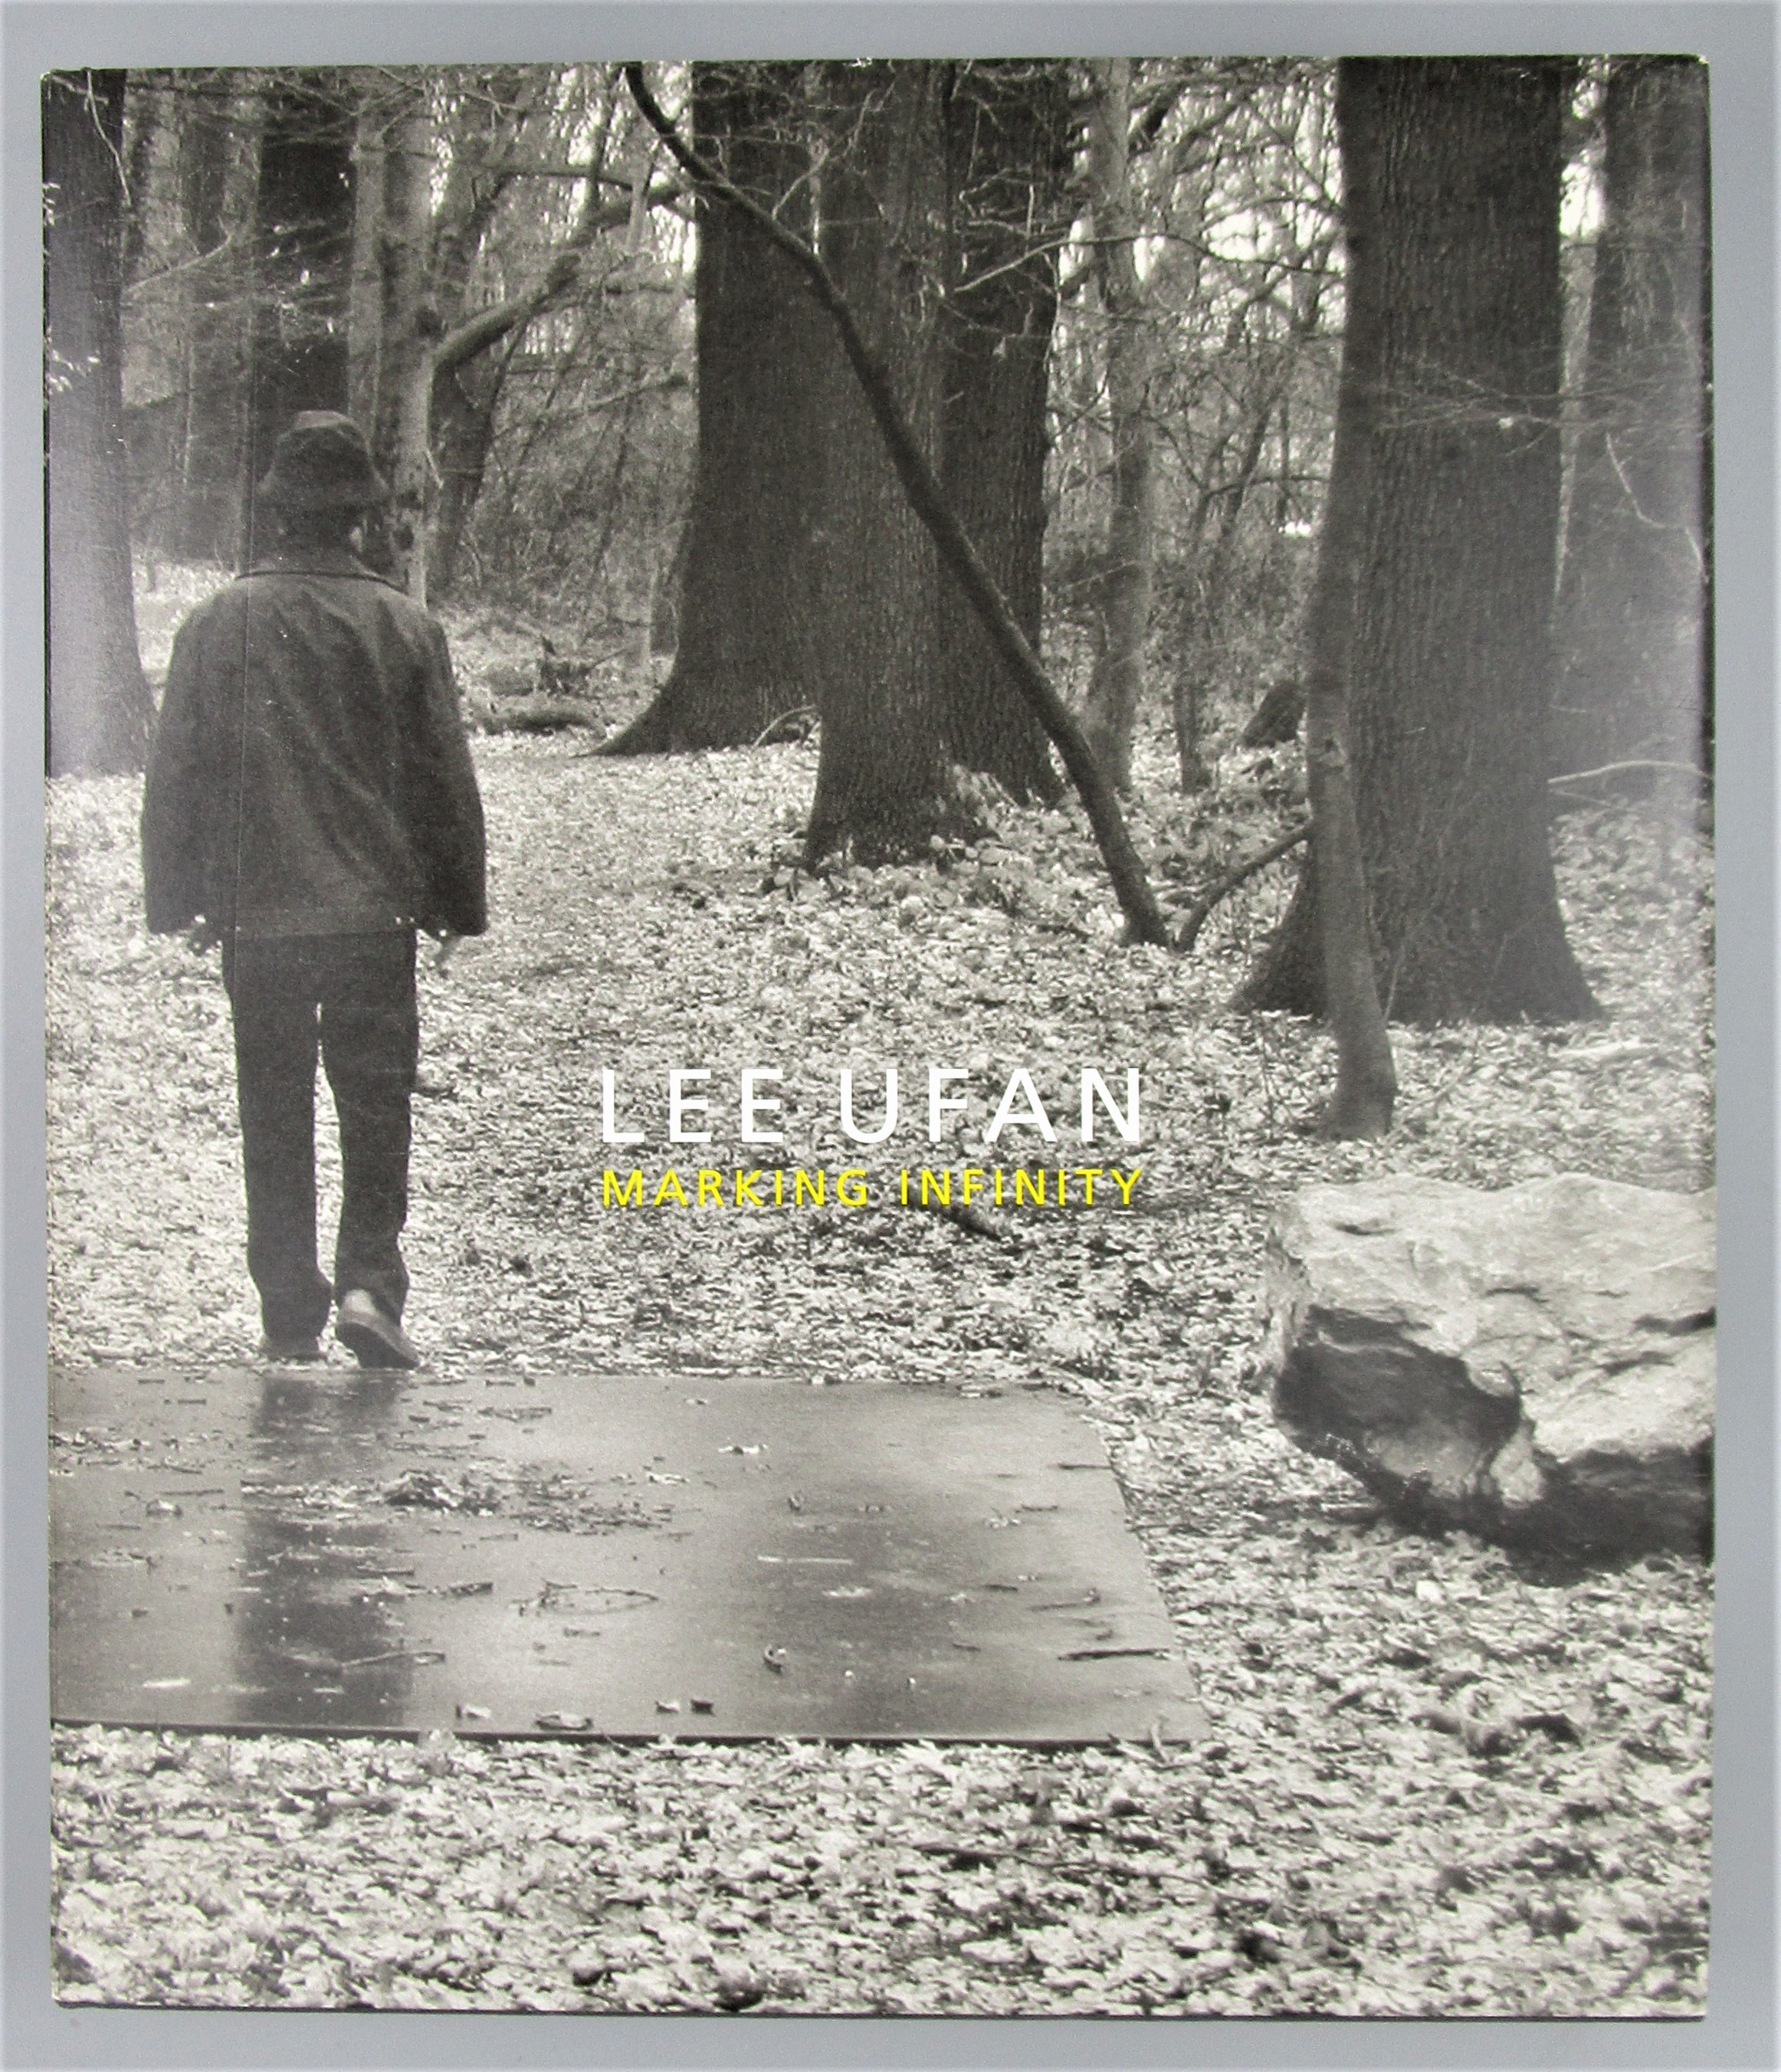 LEE UFAN: MARKING INFINITY, by Alexandra Munroe - 2011